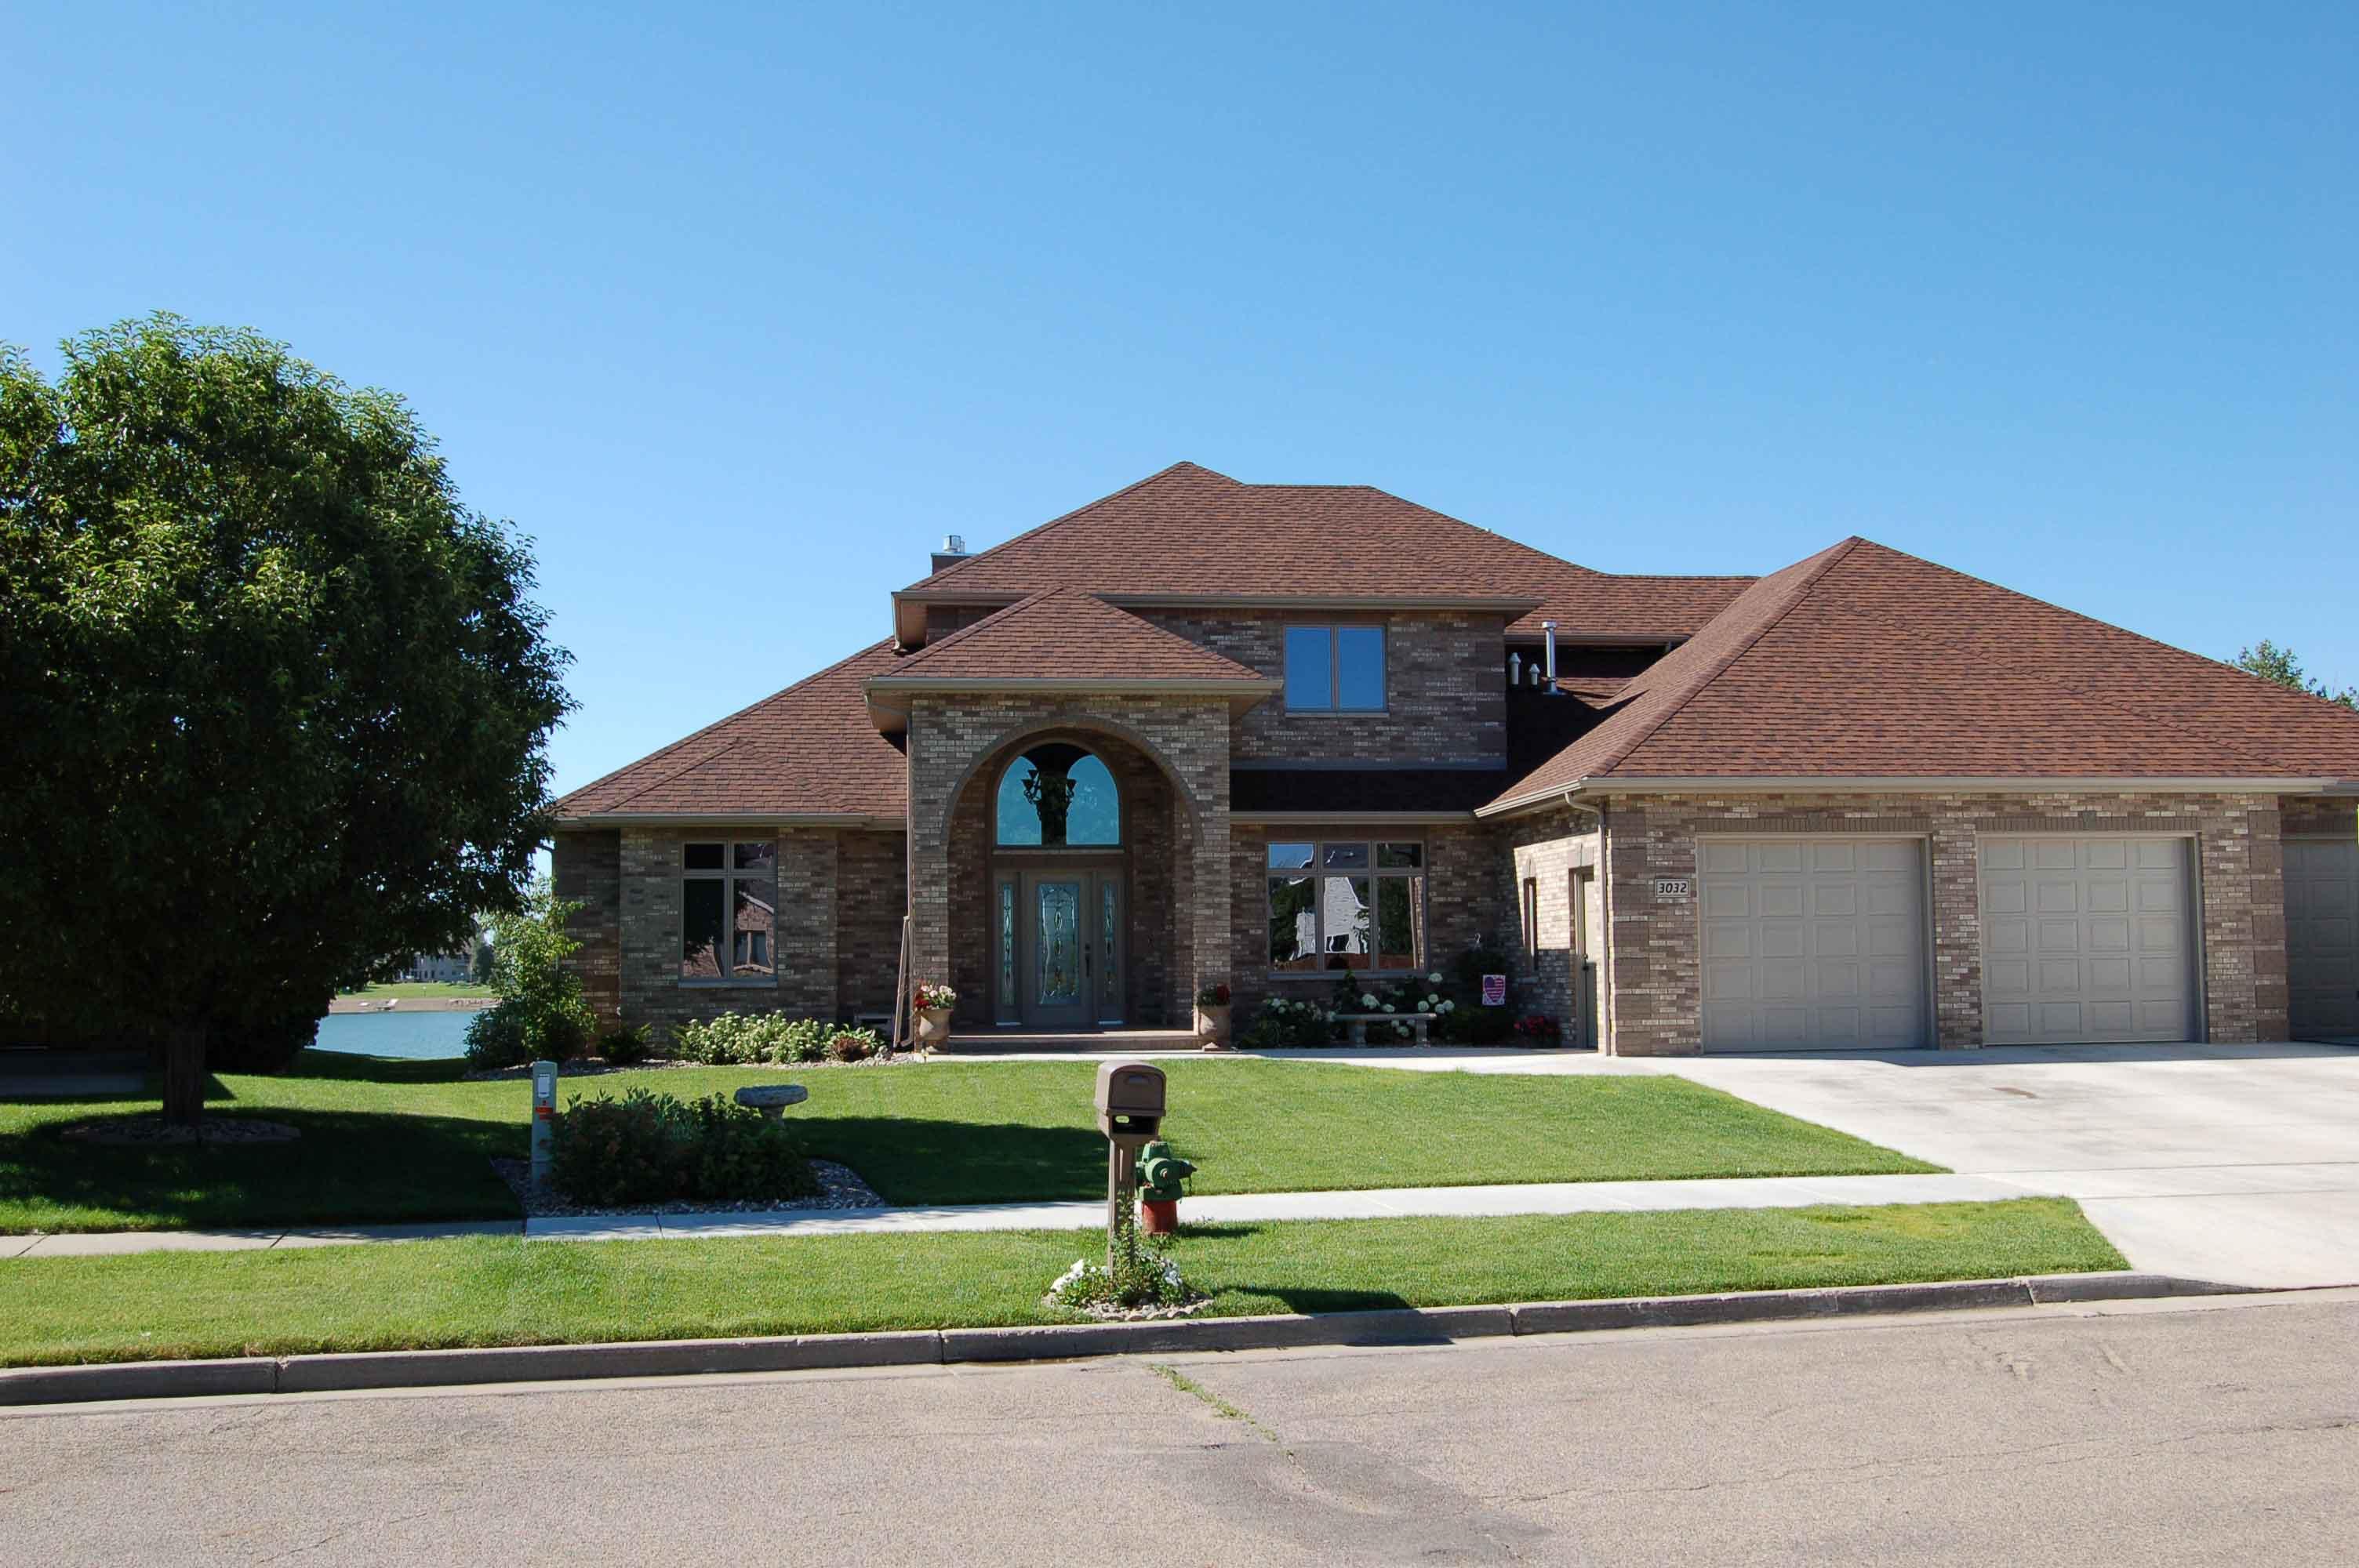 Home commercial builder remodeling mandan bismarck nd for Luxury home developers